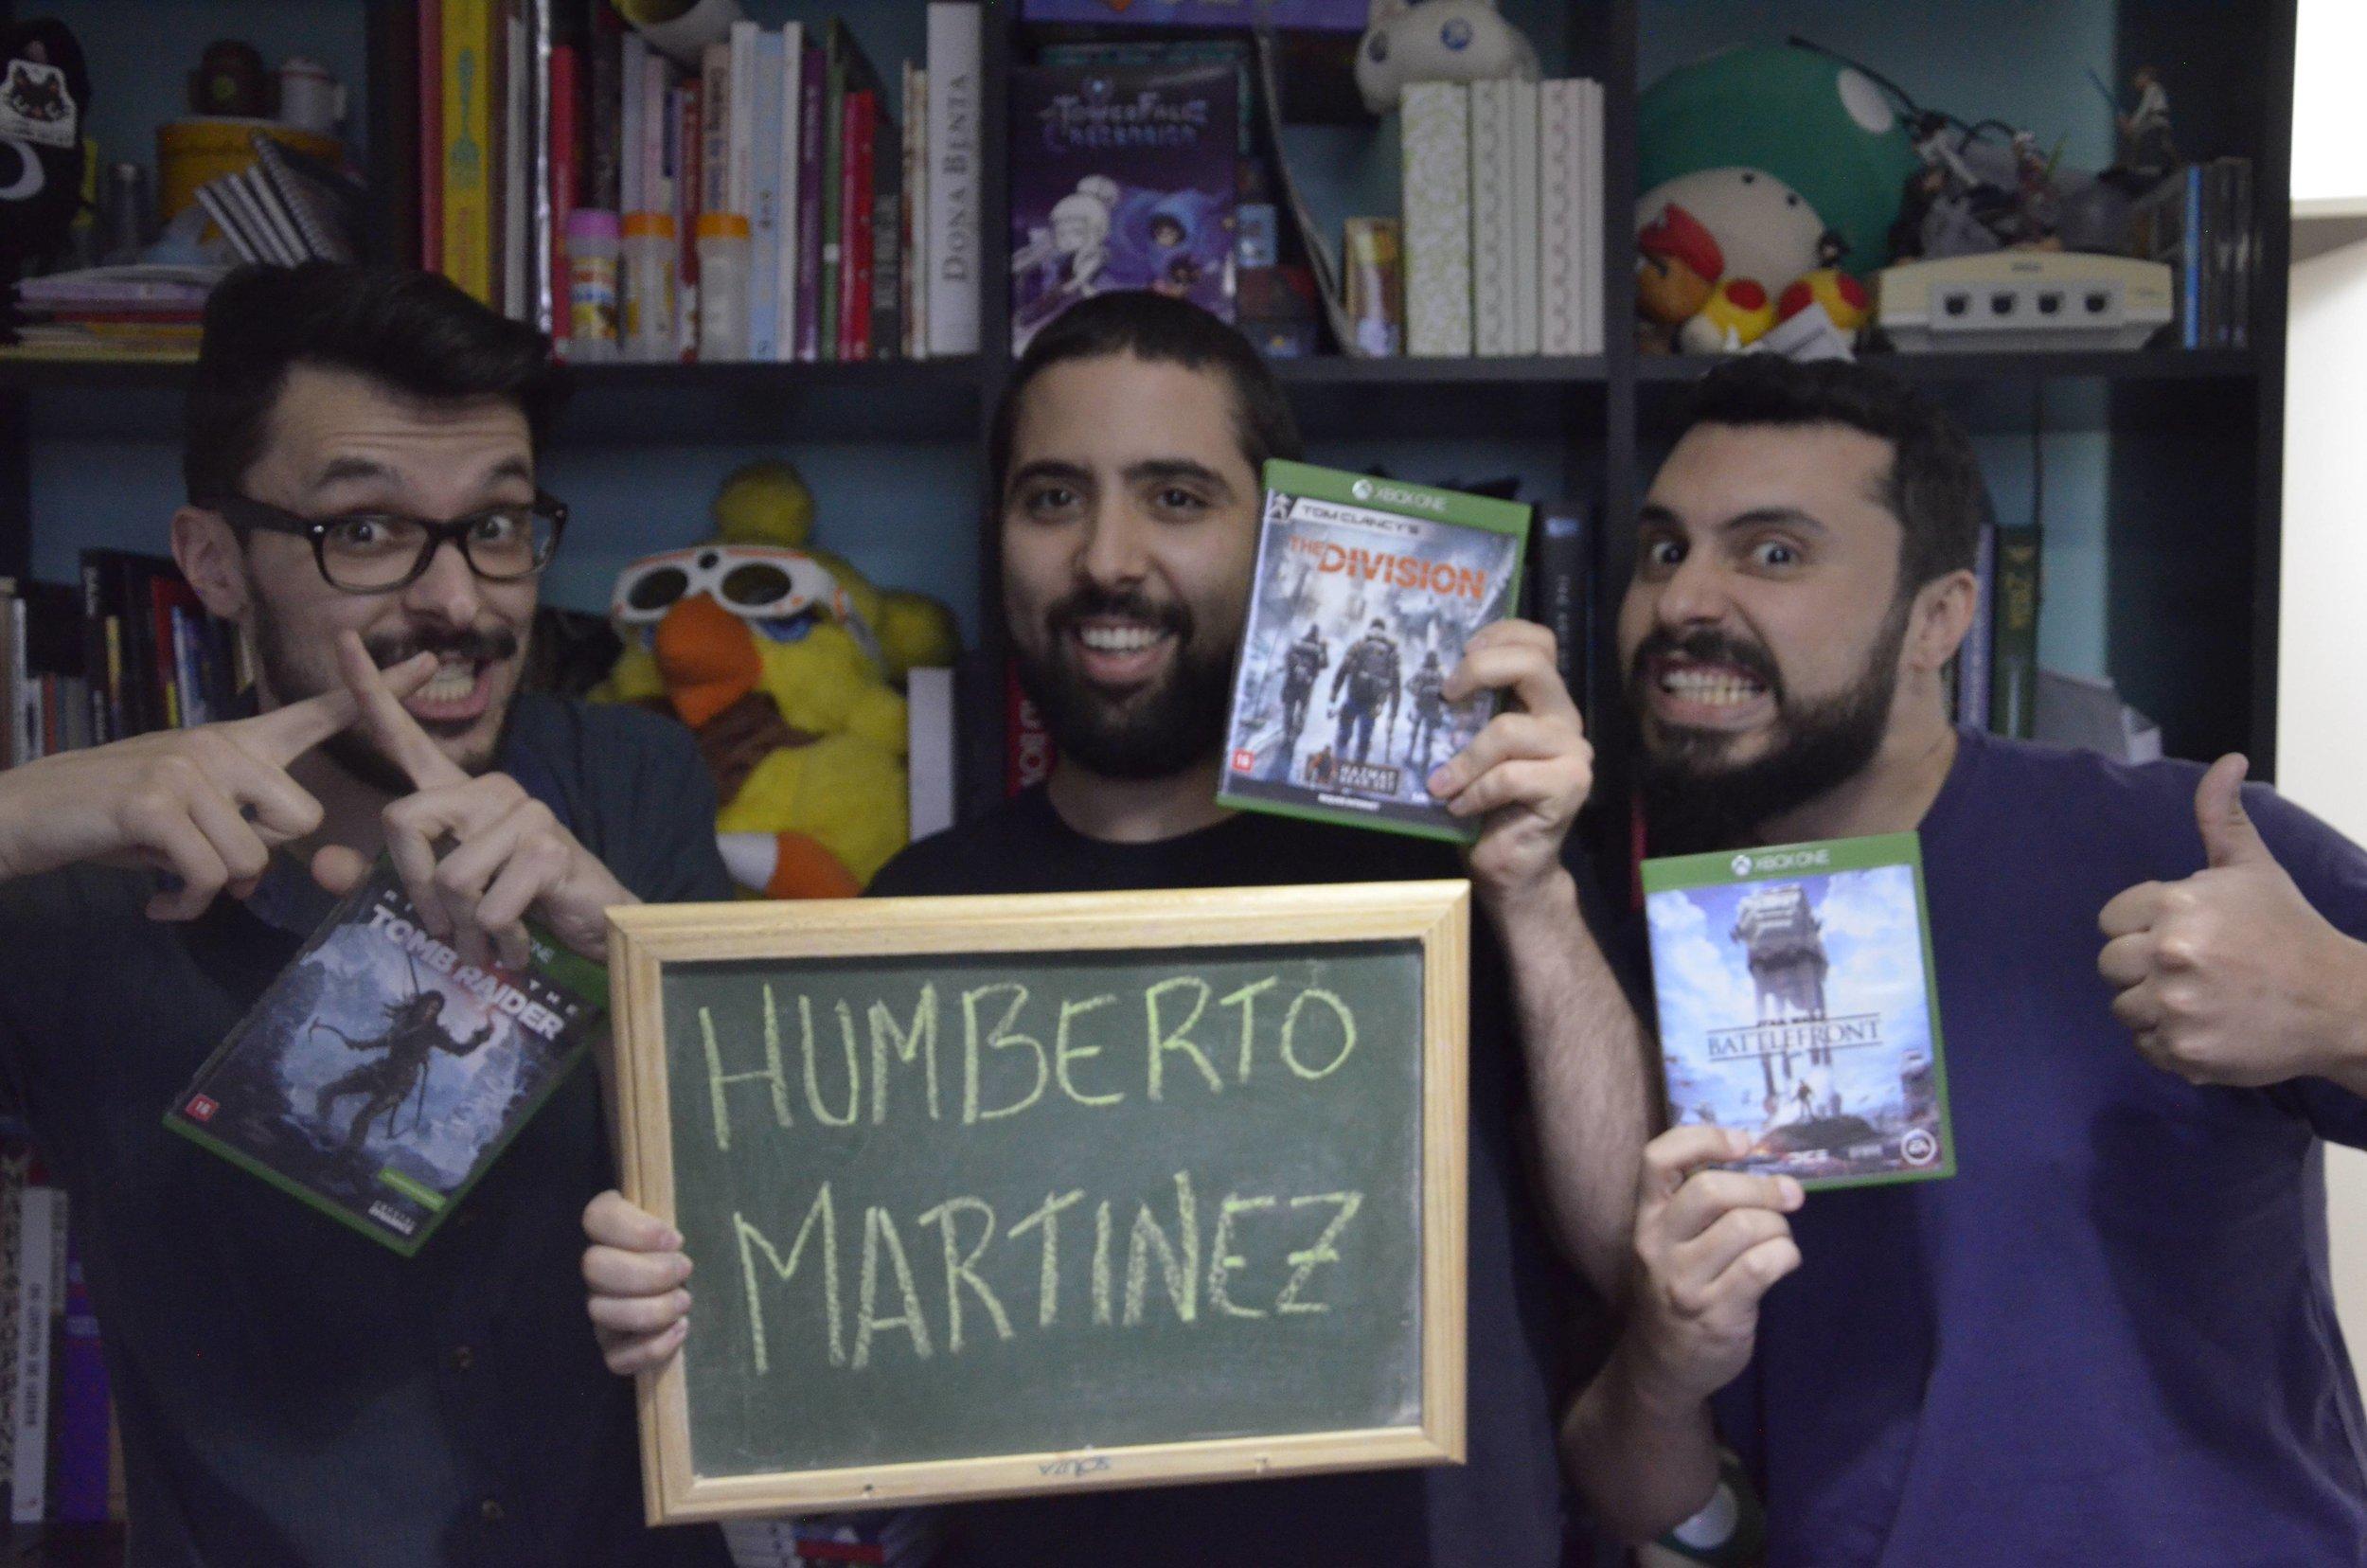 Humberto-Martinzes.jpg